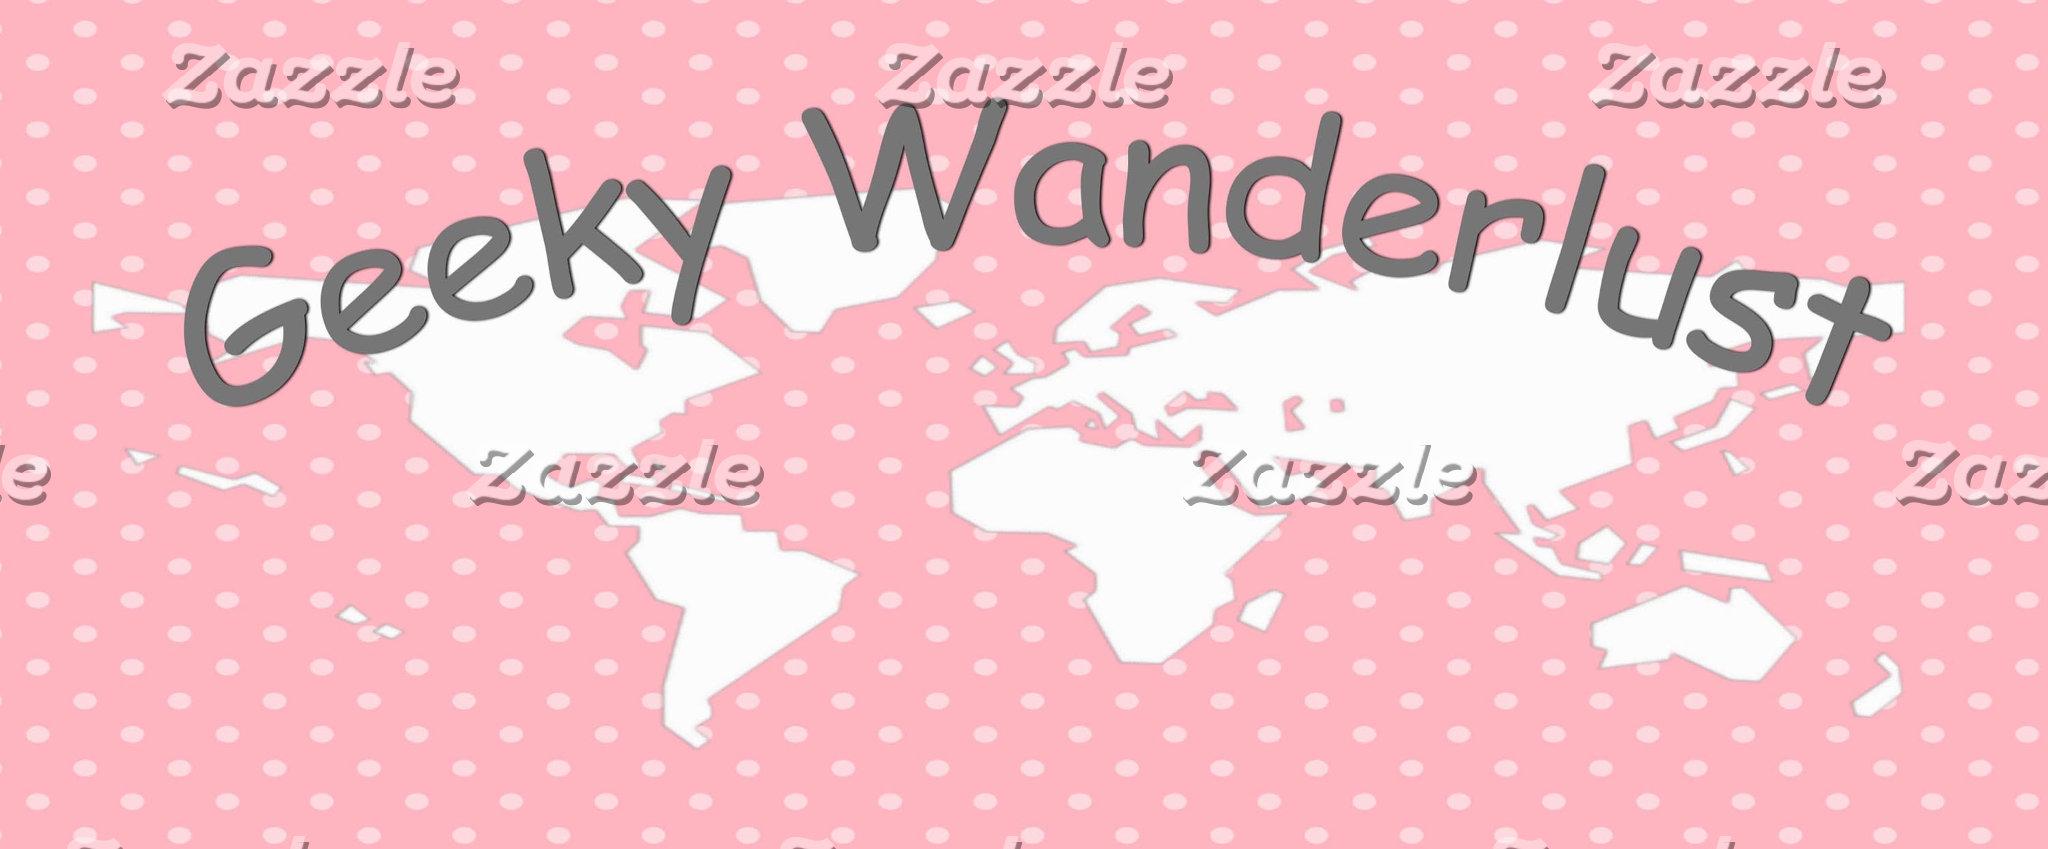 Geeky Wanderlust